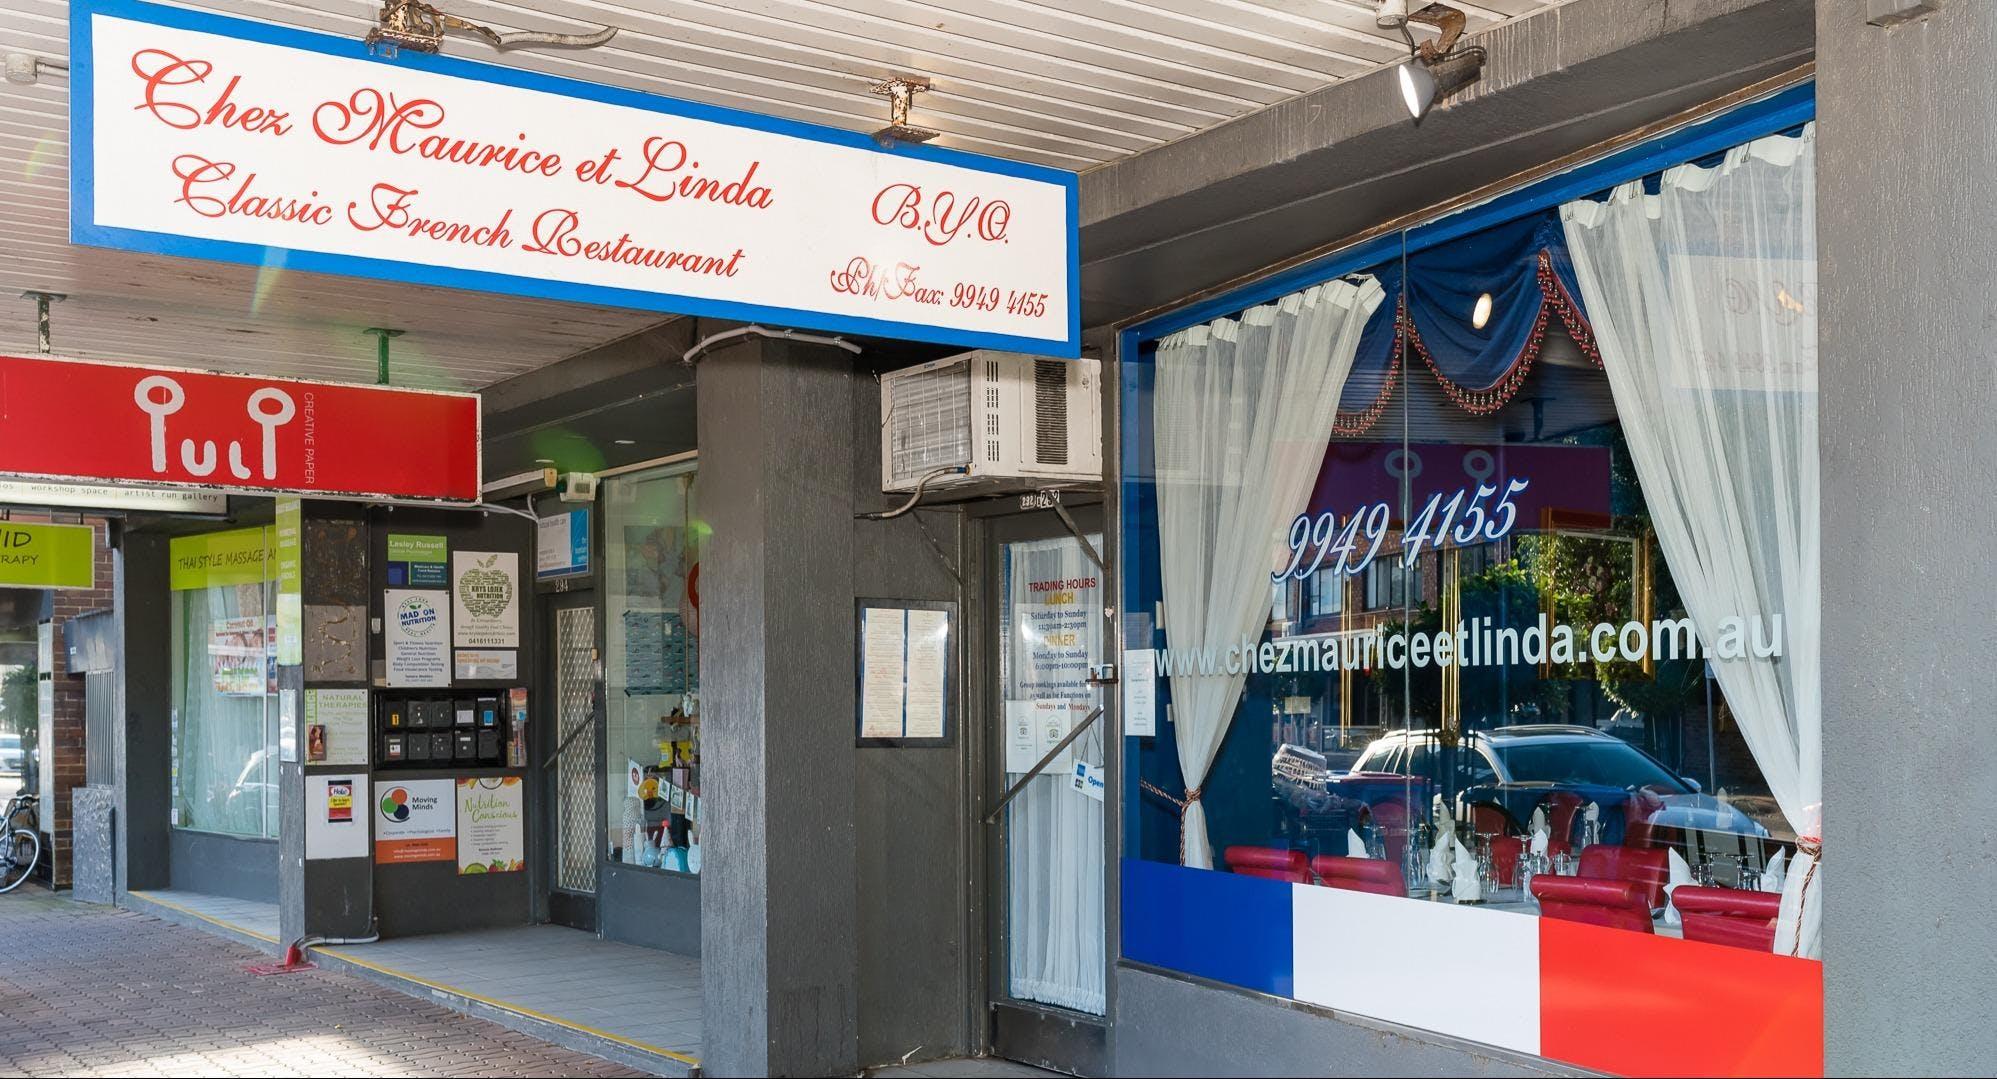 Chez Maurice Et Linda Sydney image 2